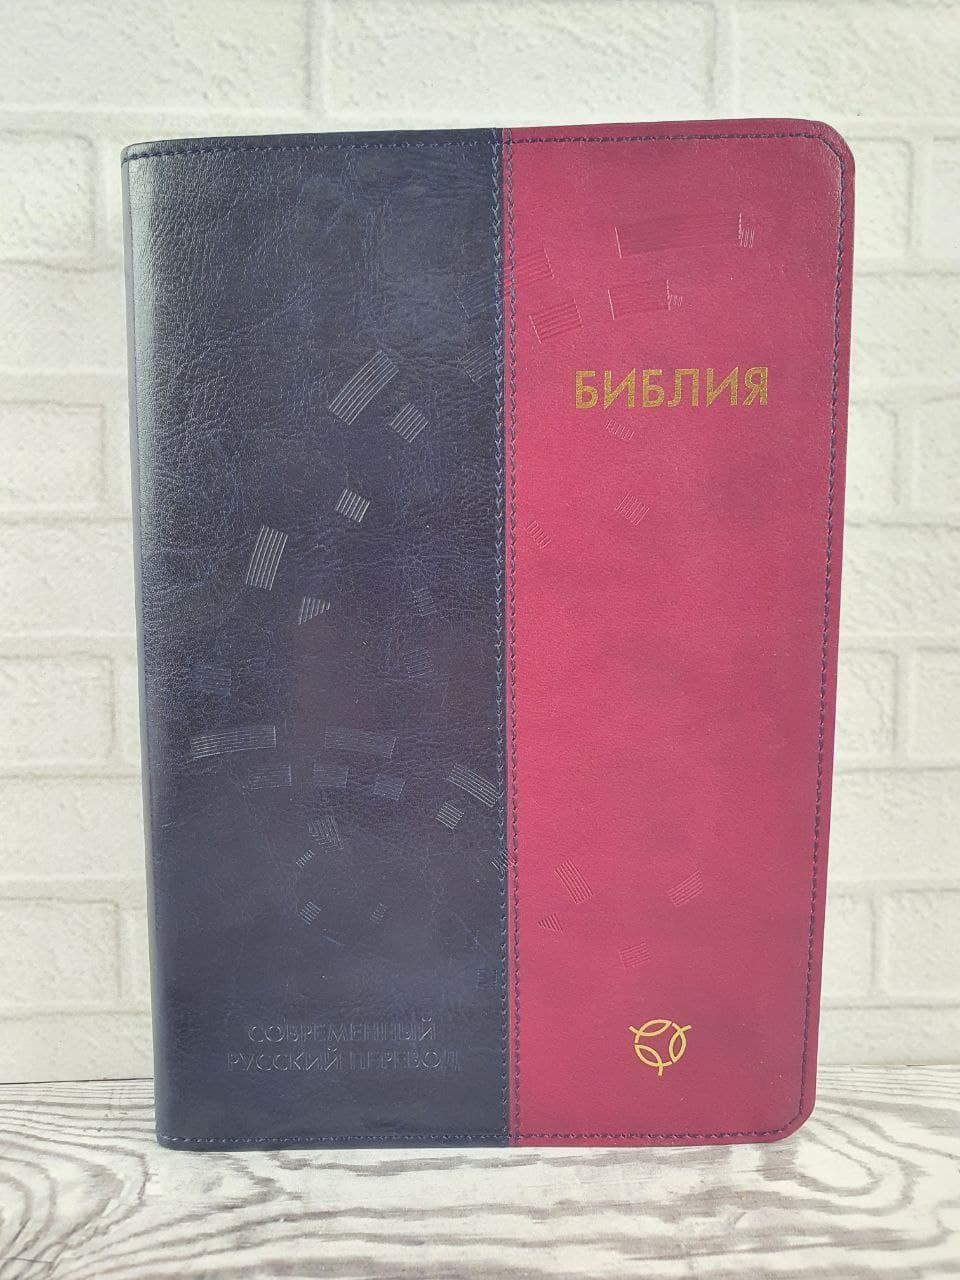 Библия 063 (кожзам) Современный русский перевод сине-бардовая формат 160х230 мм